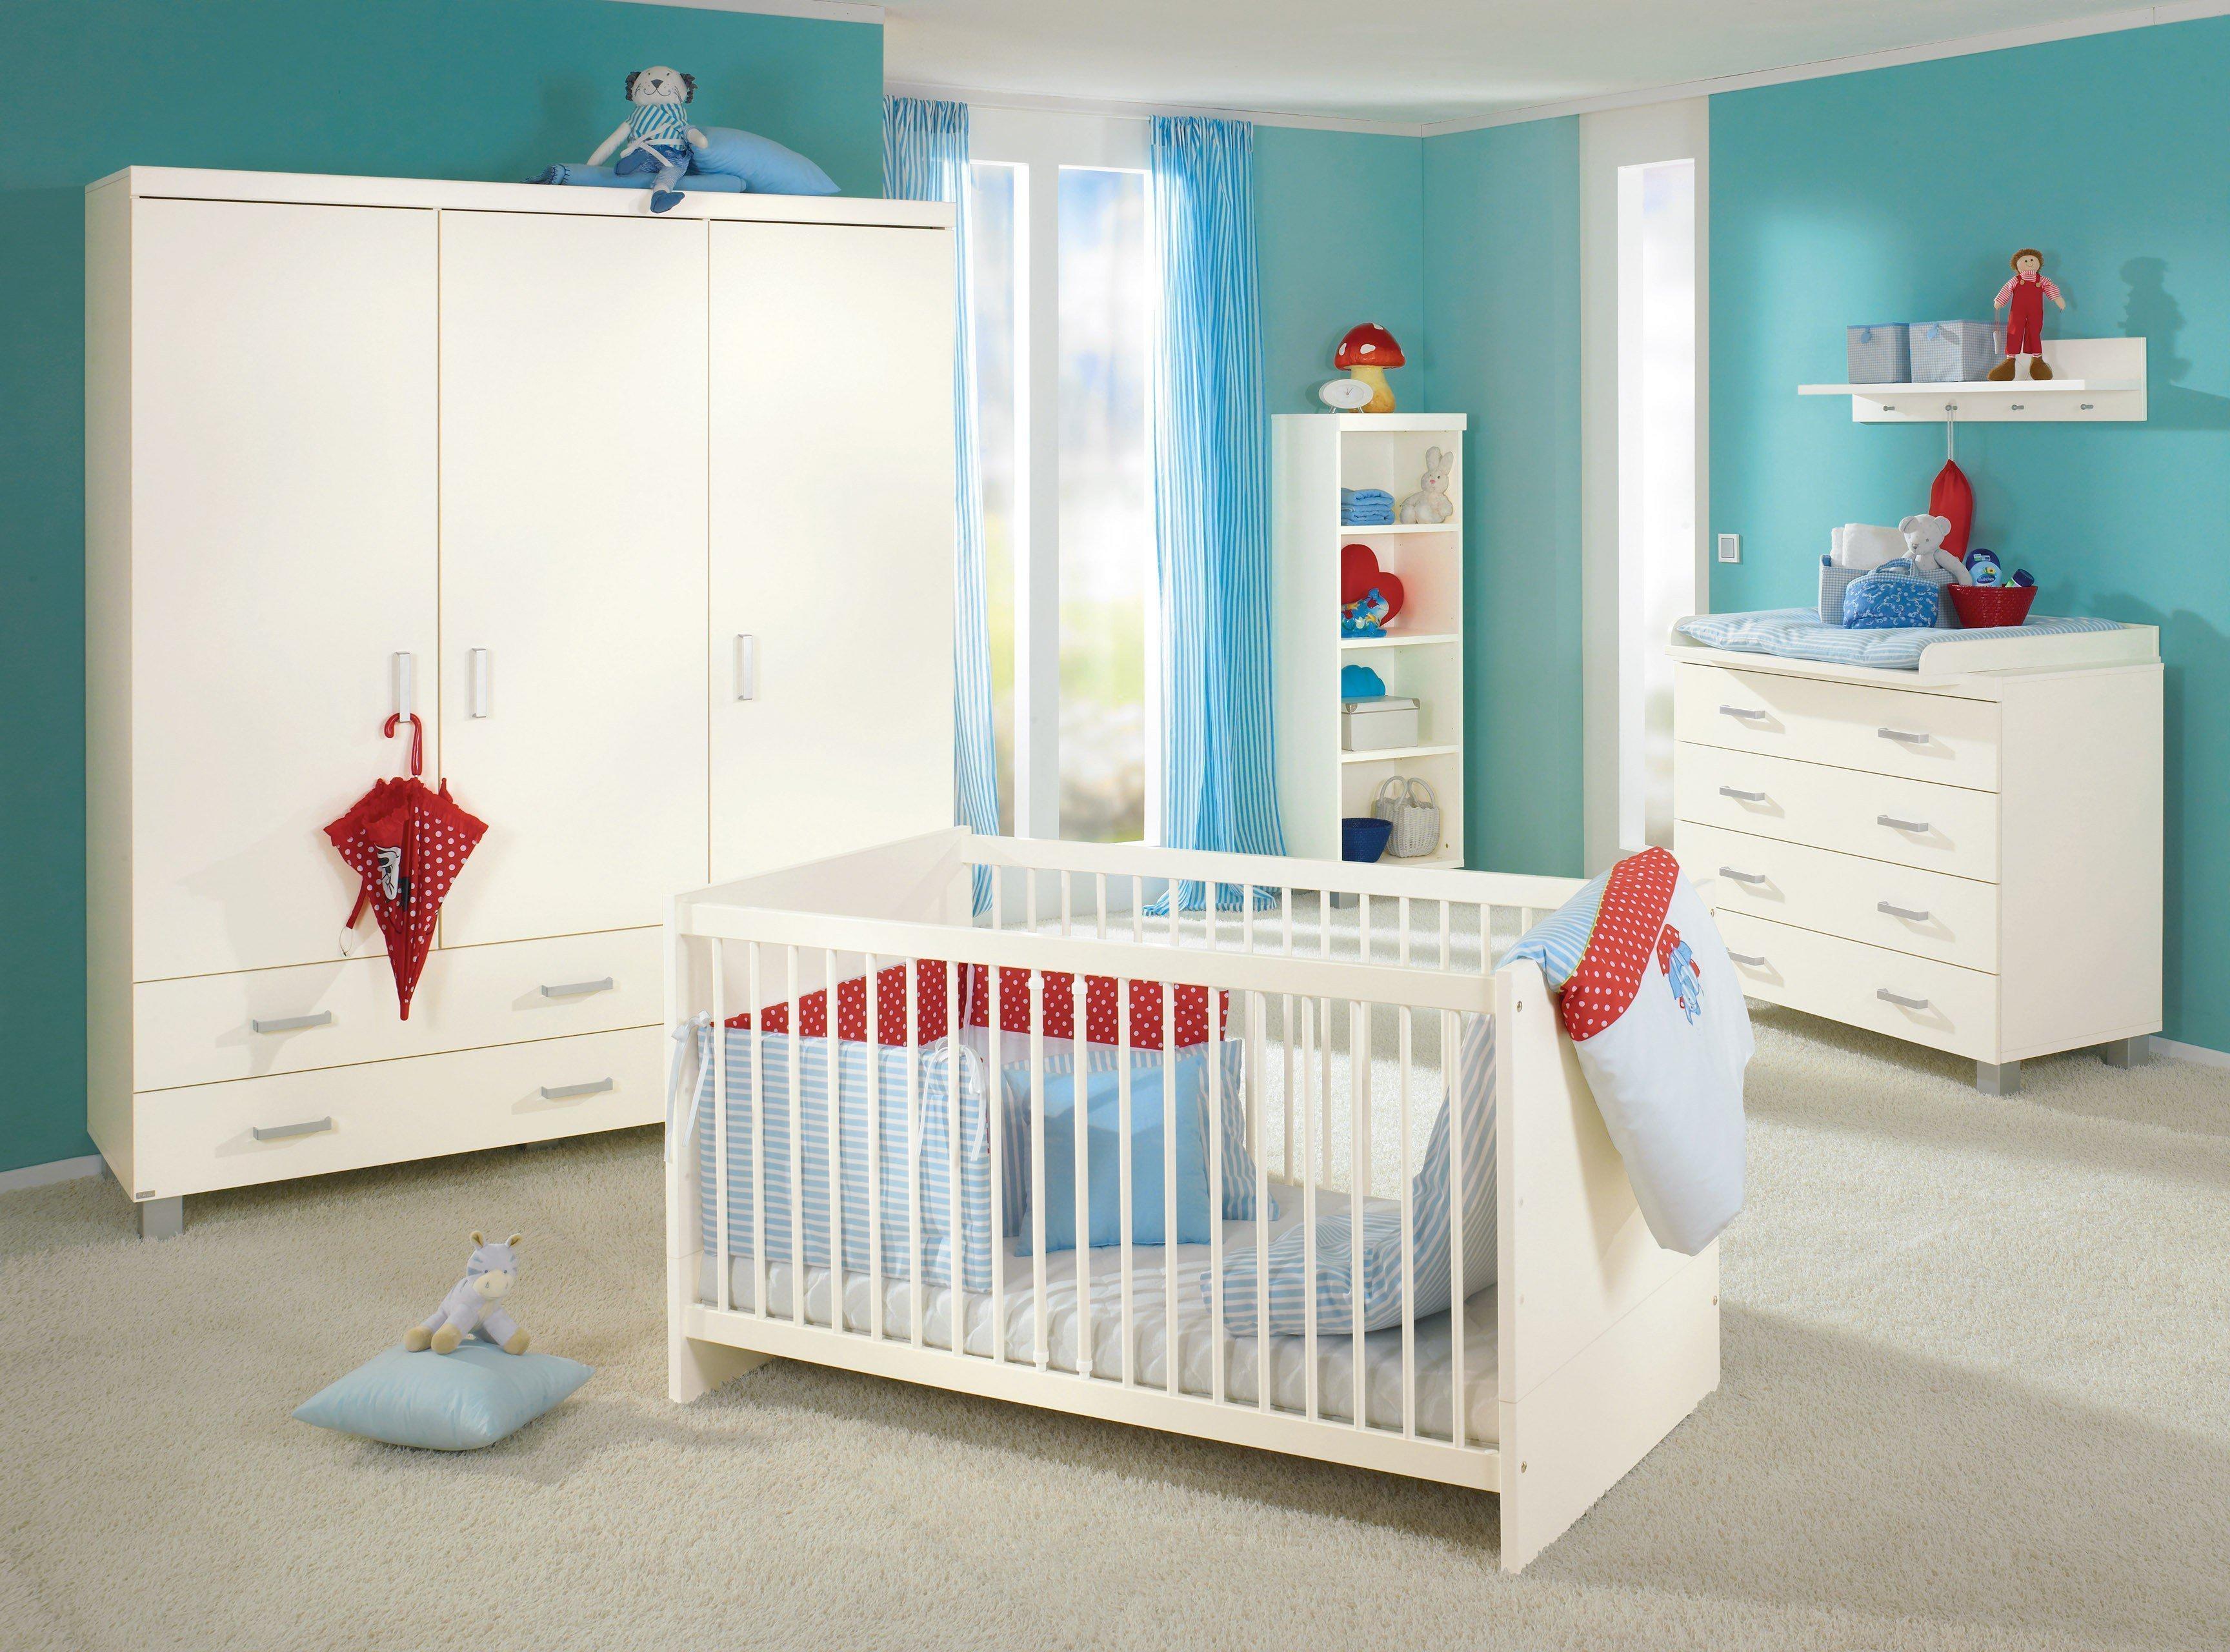 paidi babyzimmer biancomo ros ecru m bel letz ihr. Black Bedroom Furniture Sets. Home Design Ideas